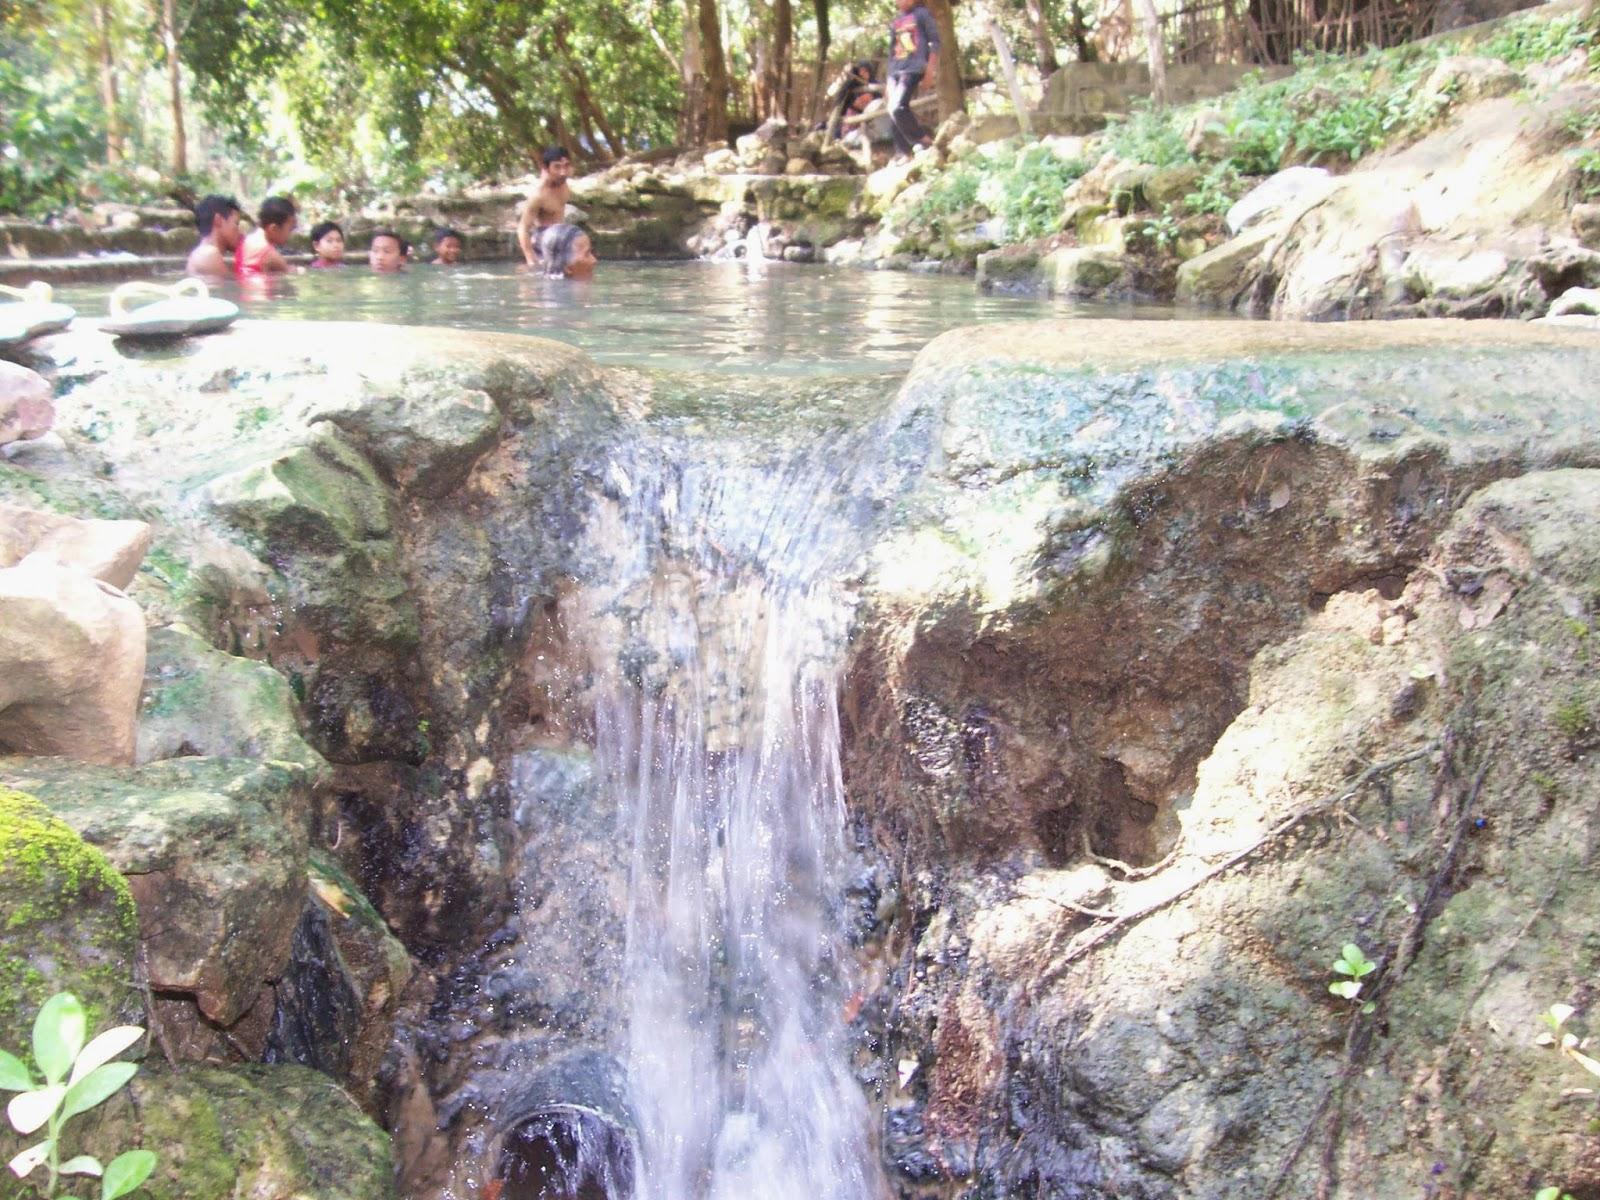 Destinasi Wisata Lamongan Berita Pemandian Air Panas Makam Dewi Serdadu